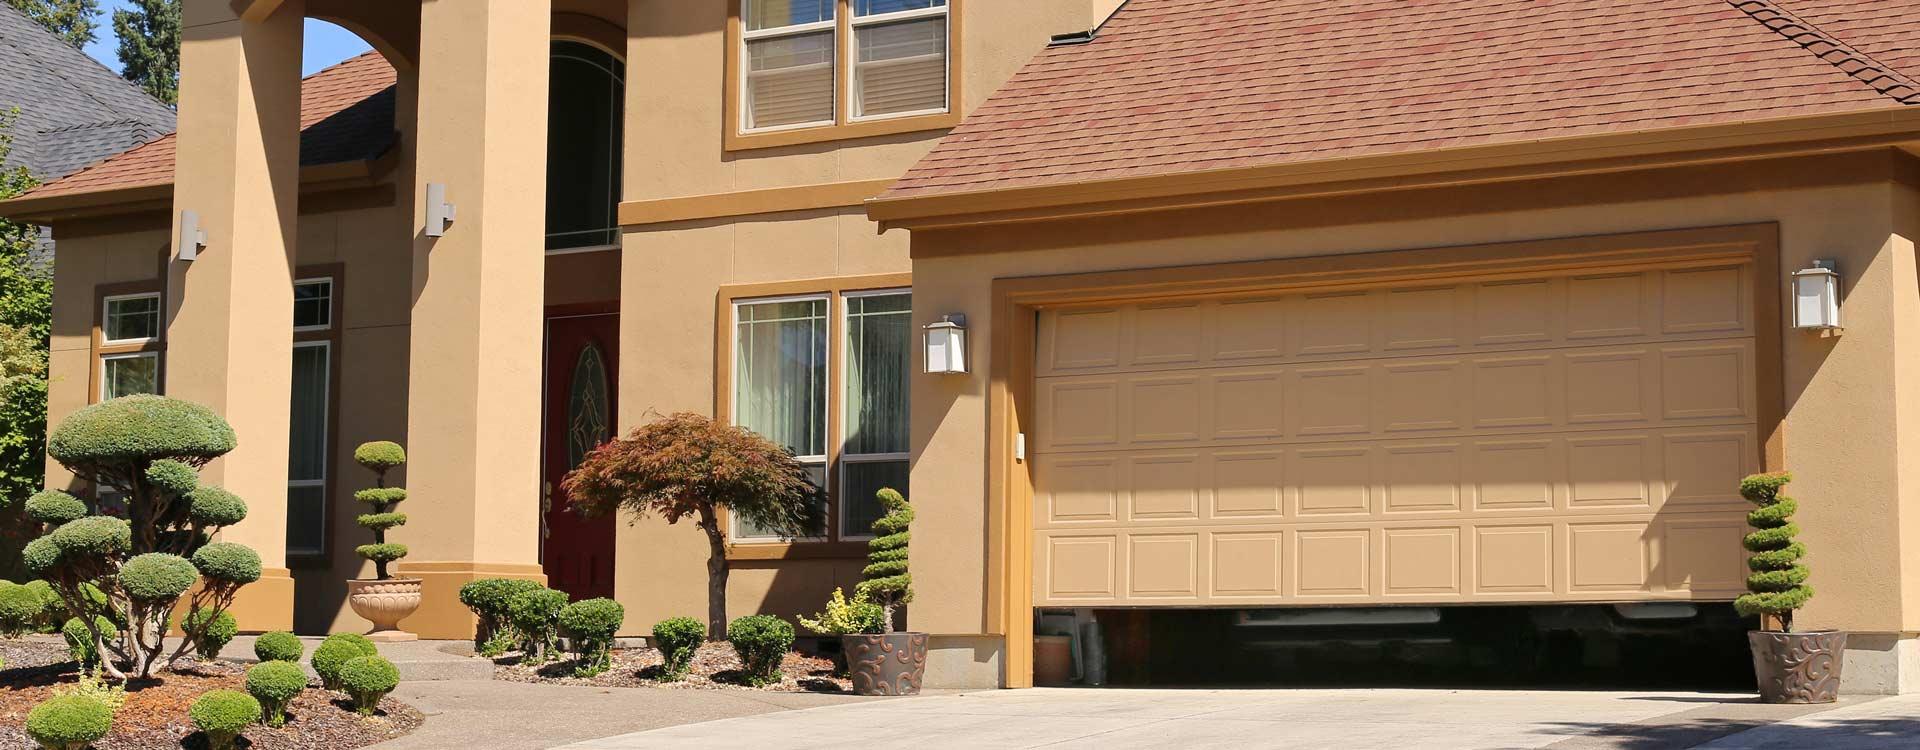 Garage Door Sales And Service Company In Las Vegas Nv